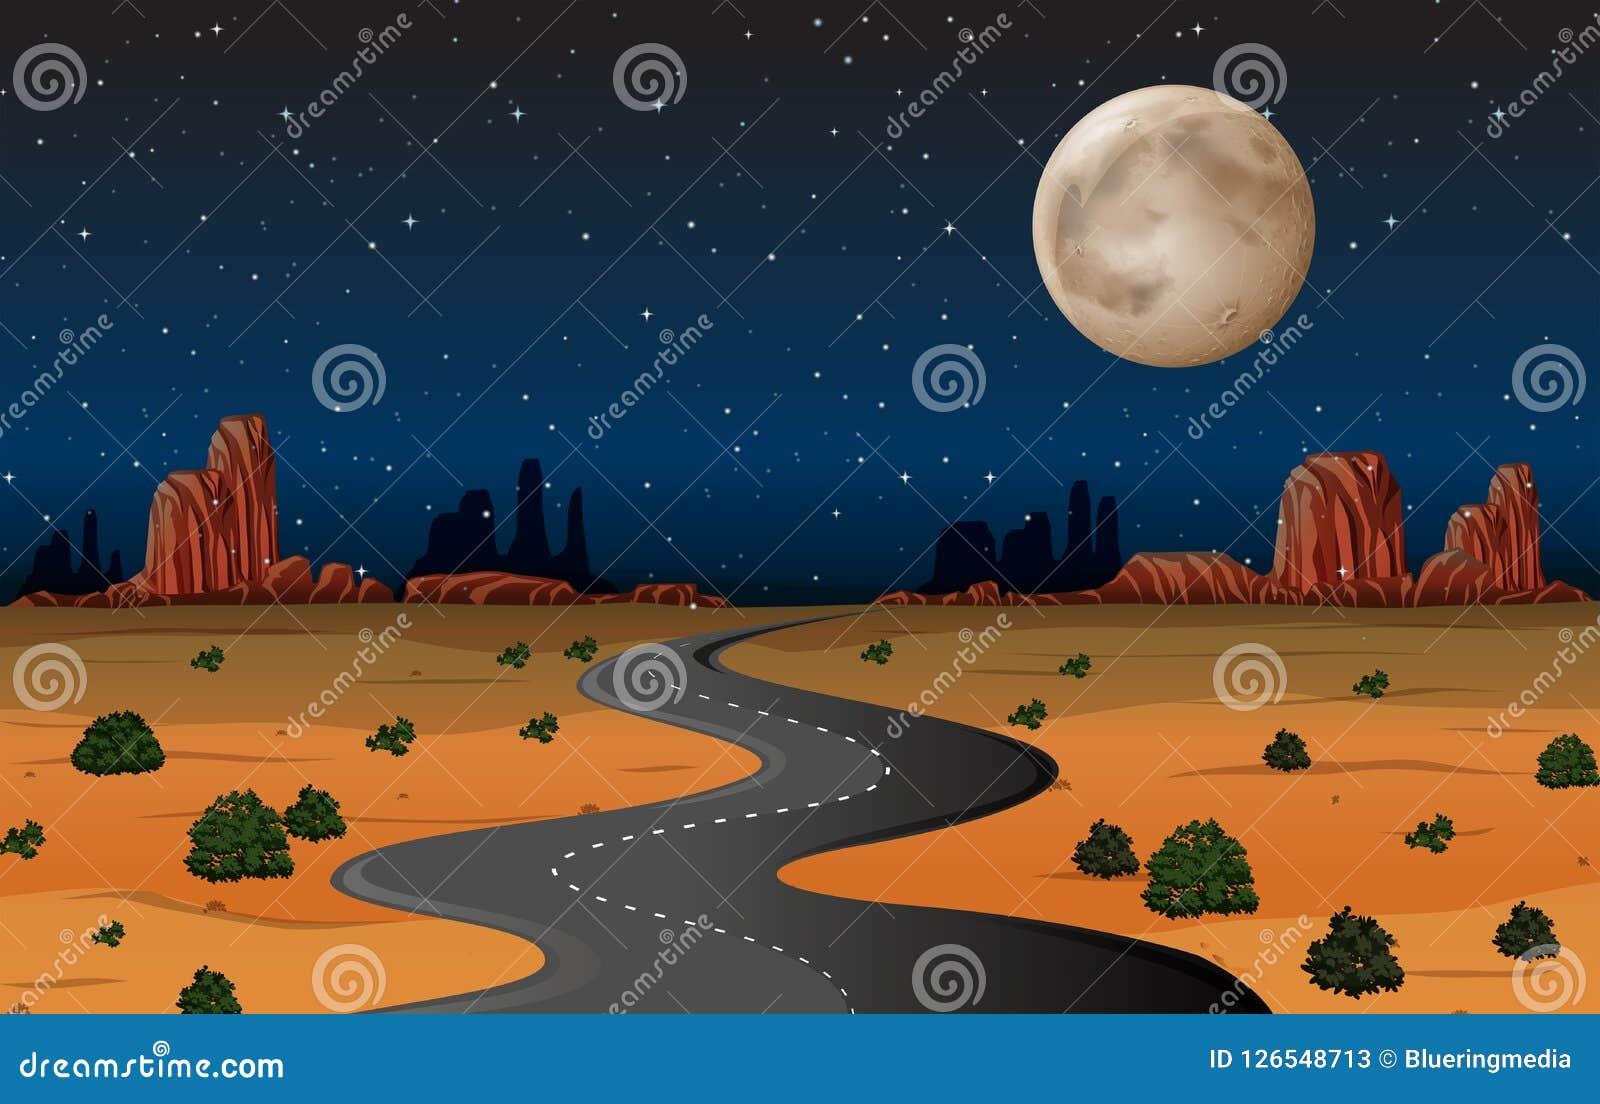 亚利桑那沙漠路在晚上